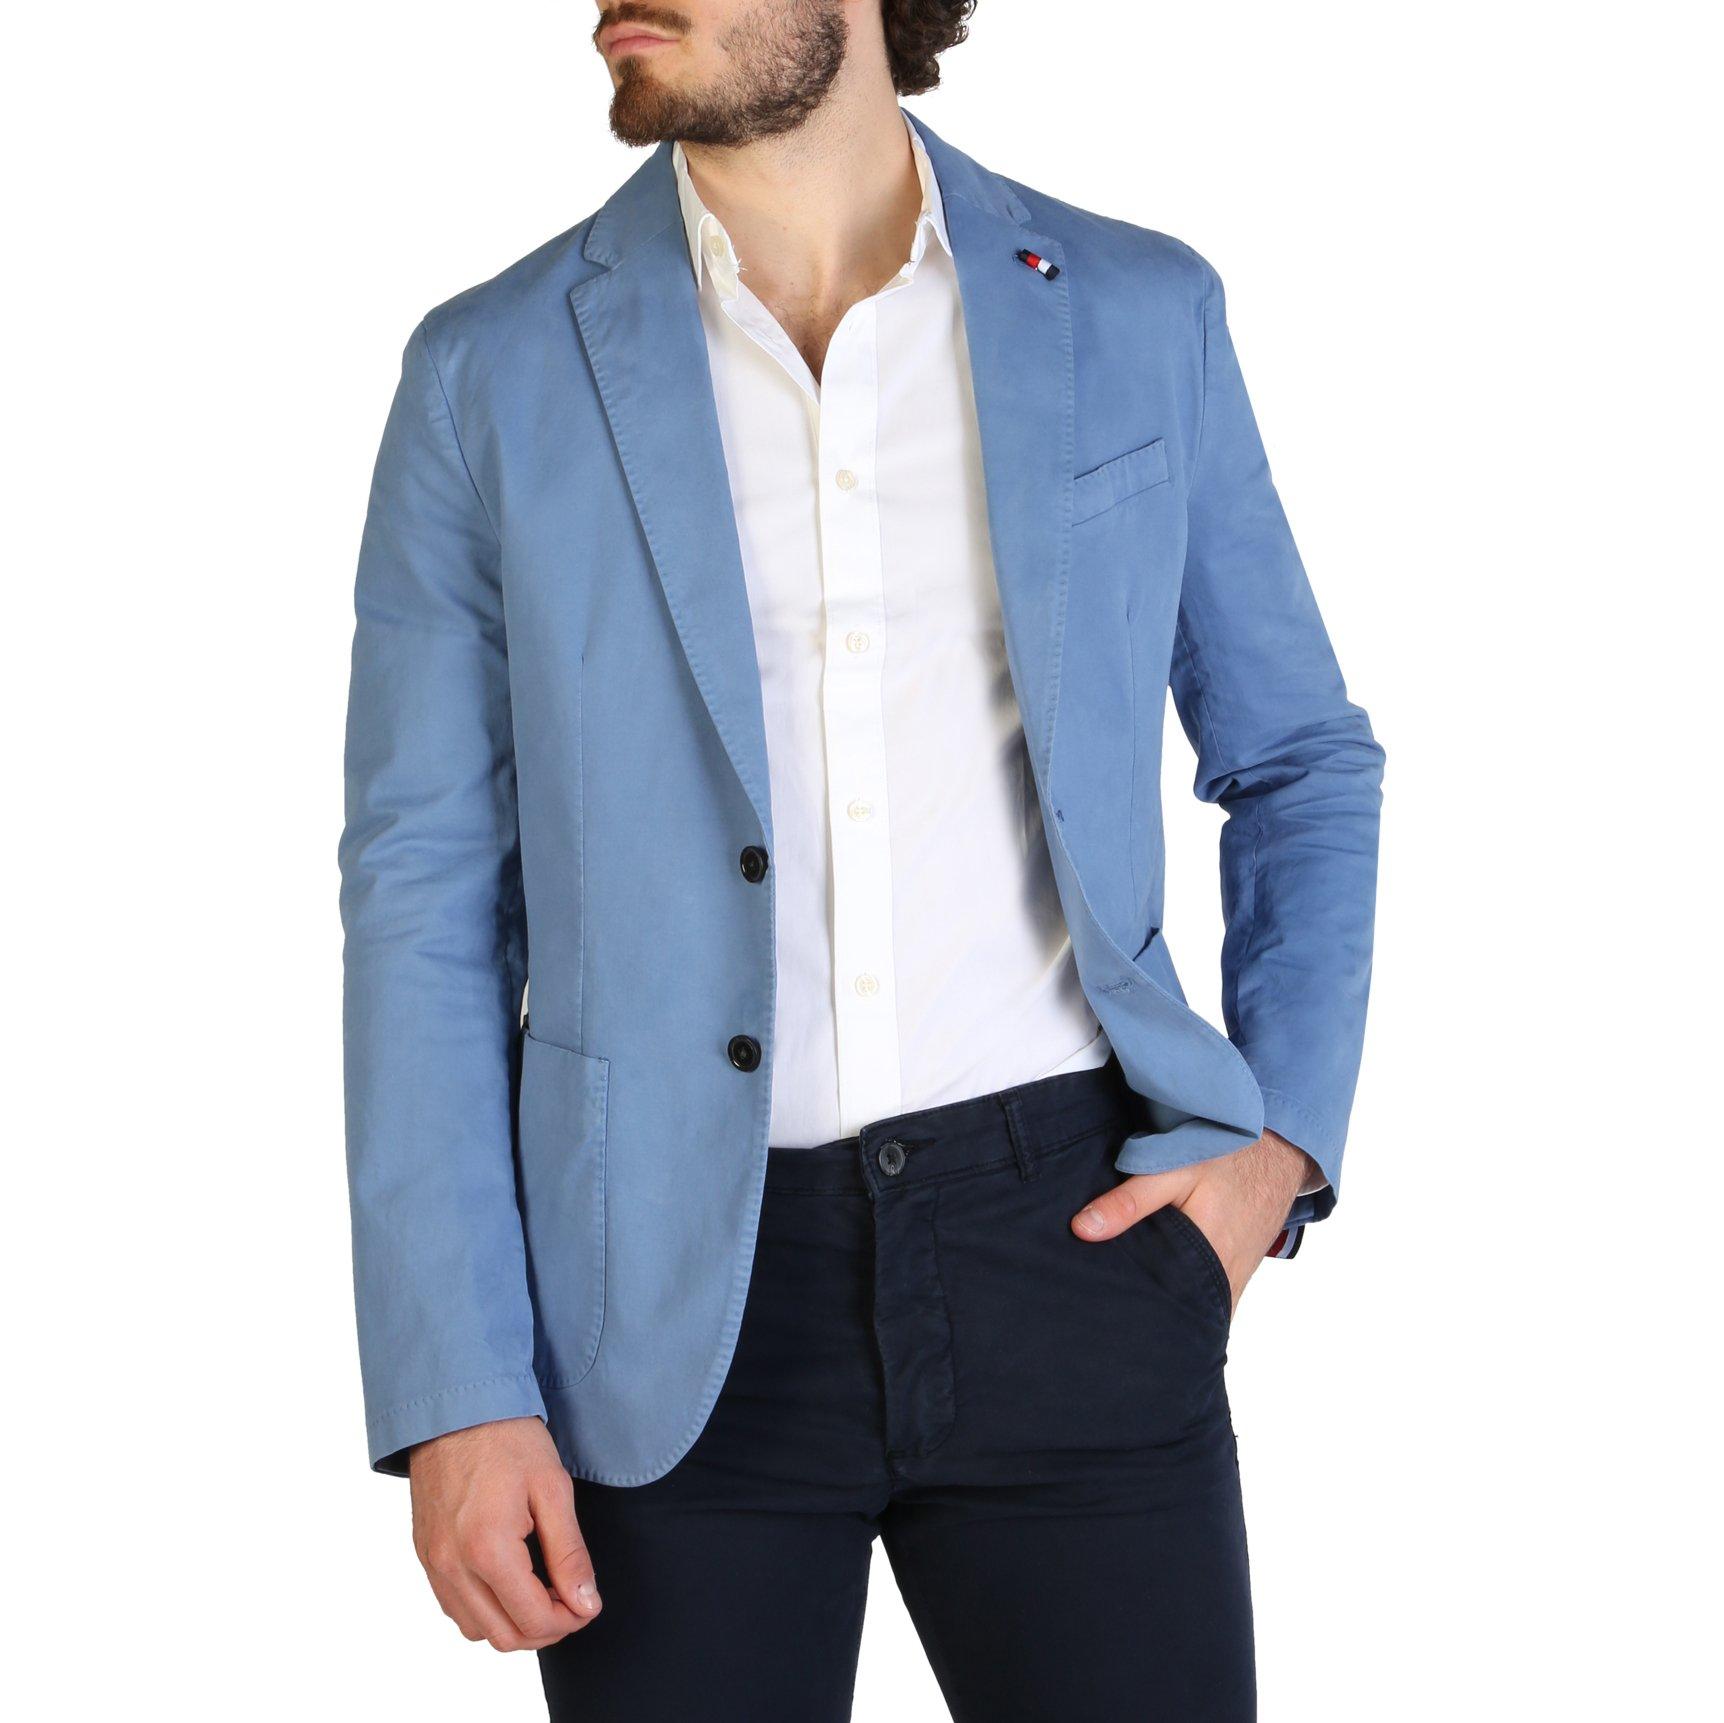 Tommy Hilfiger Men's Formal Jacket Blue TT0TT06967 - blue 44